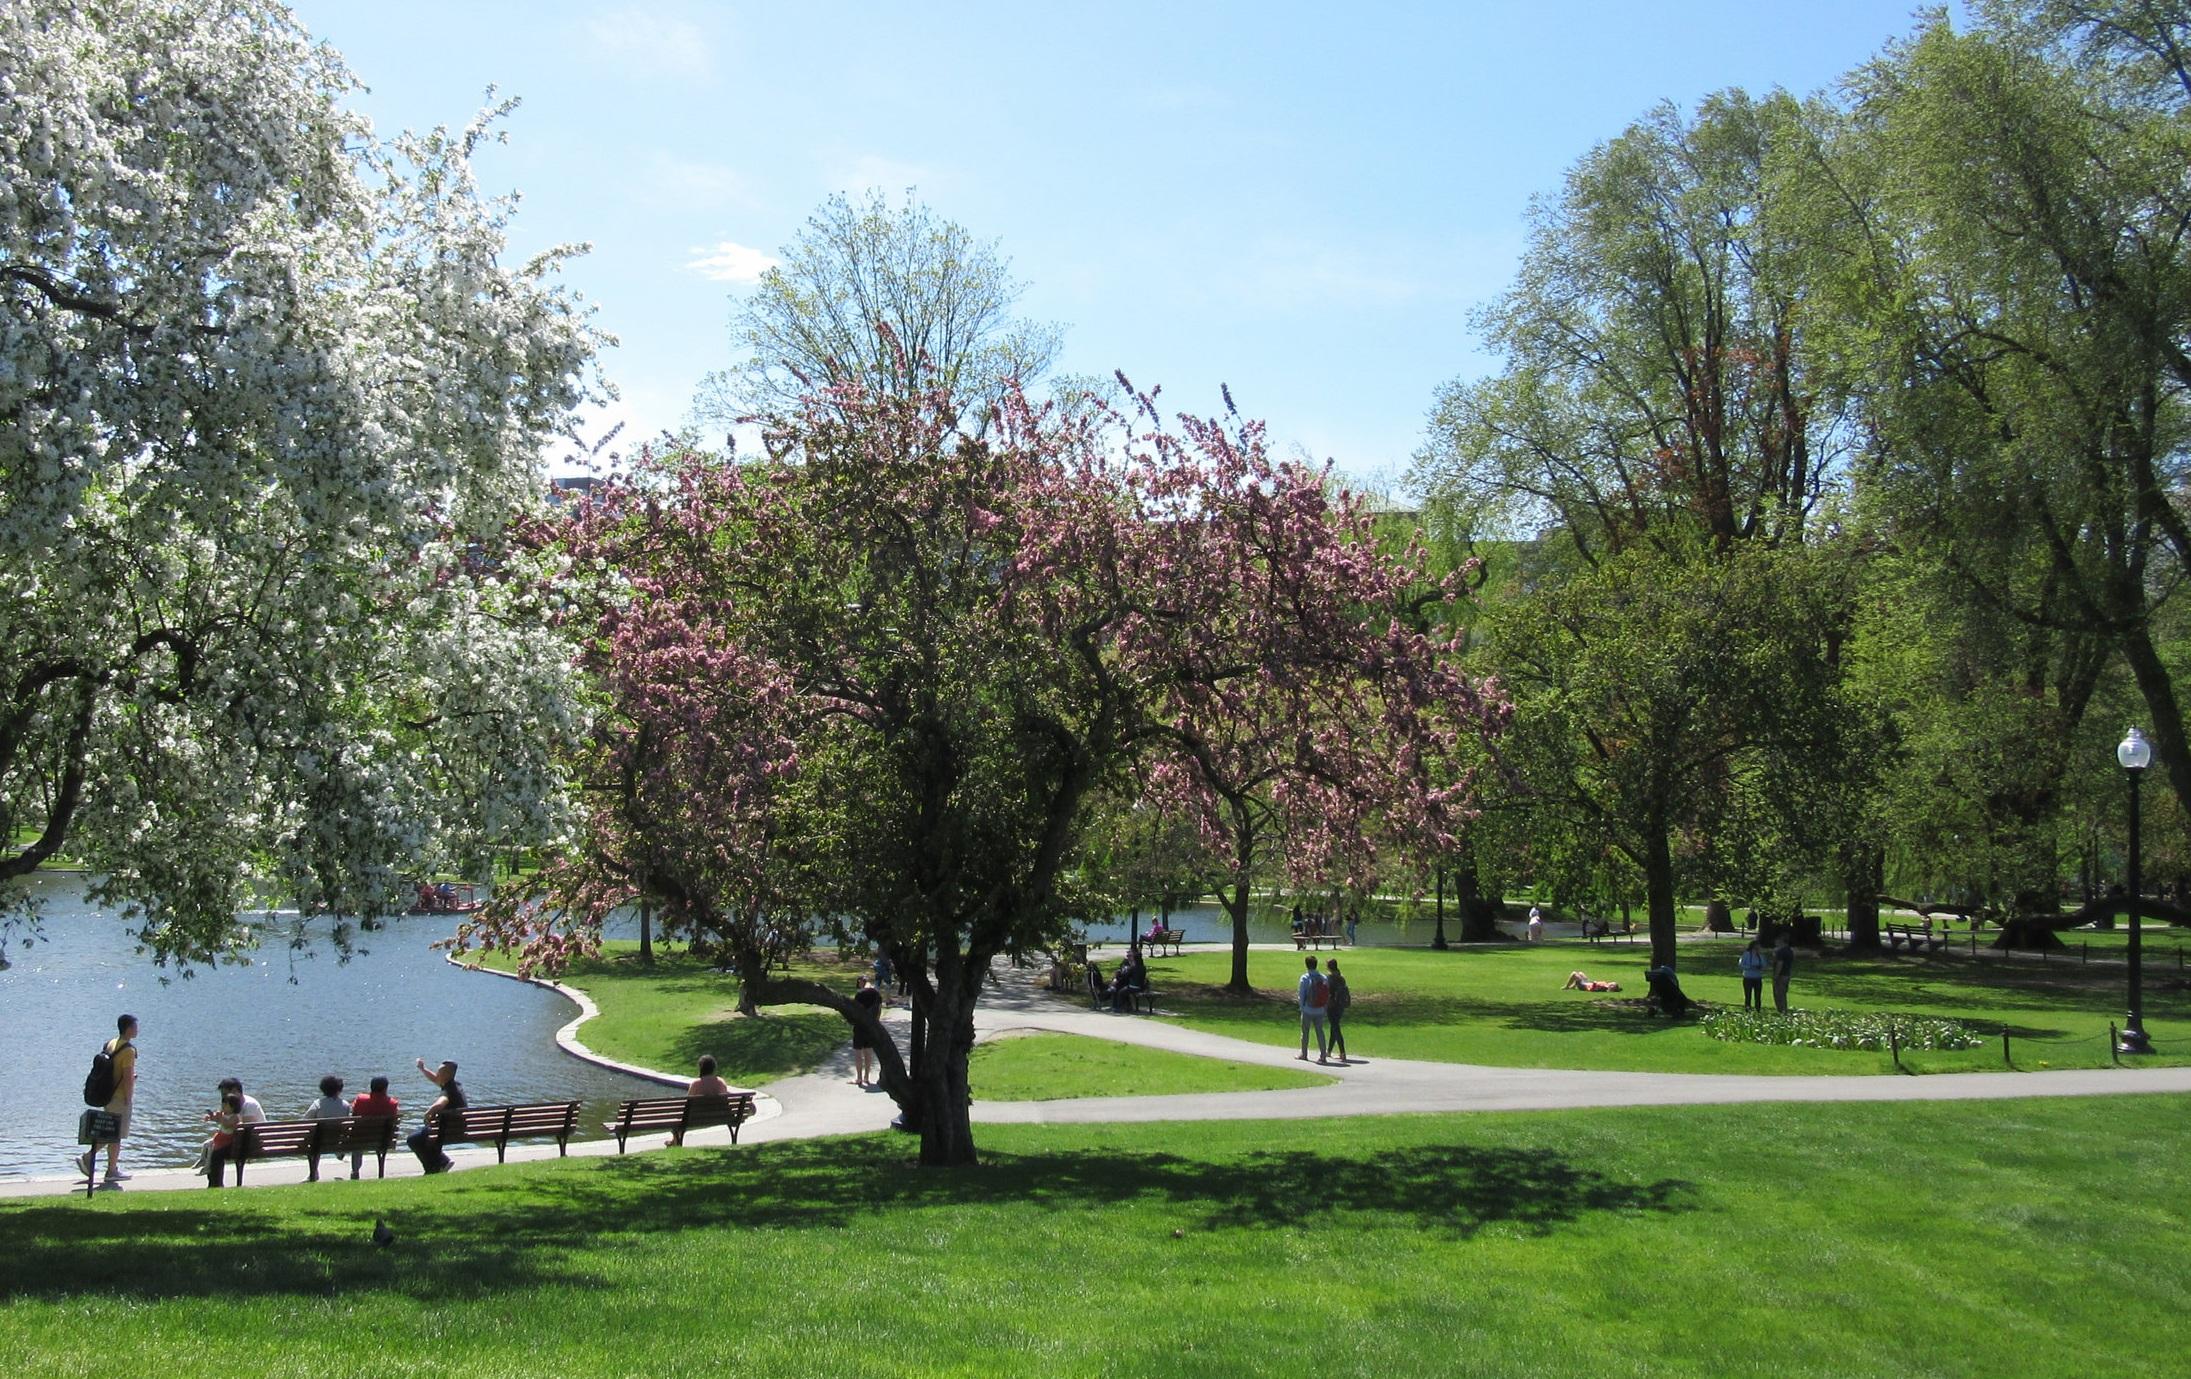 2019-South_Island_Art-Boston-public-garden-spring